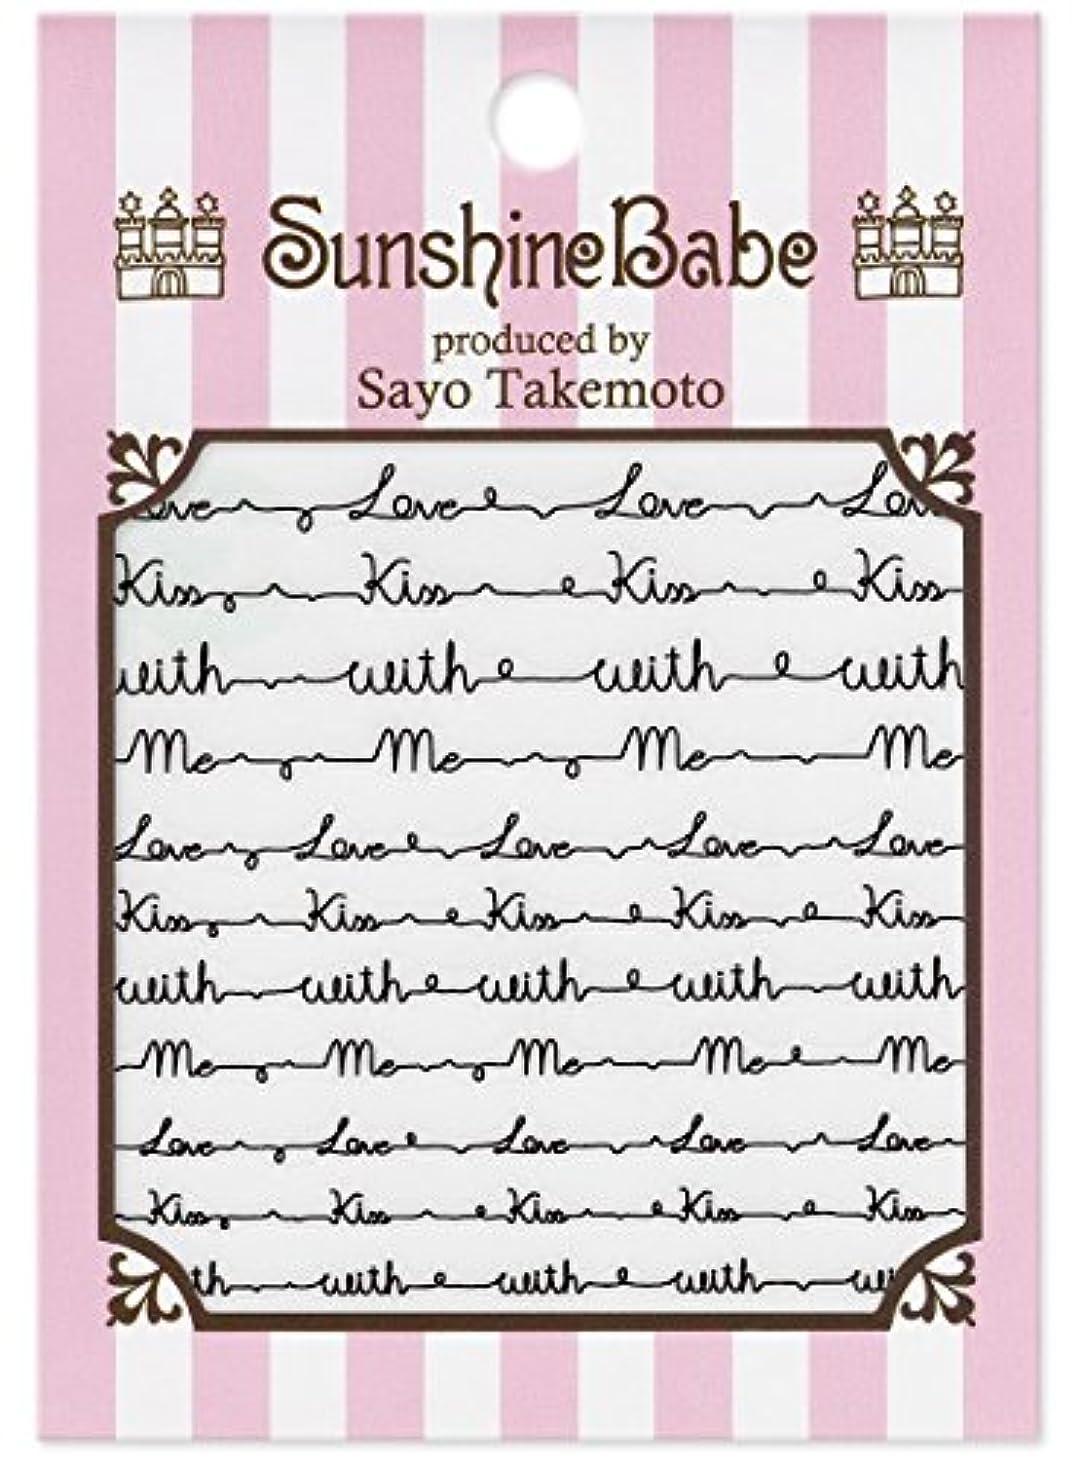 レール正確な有害サンシャインベビー ジェルネイル 武本小夜のネイルシール Sayo Style ラブレター ブラック